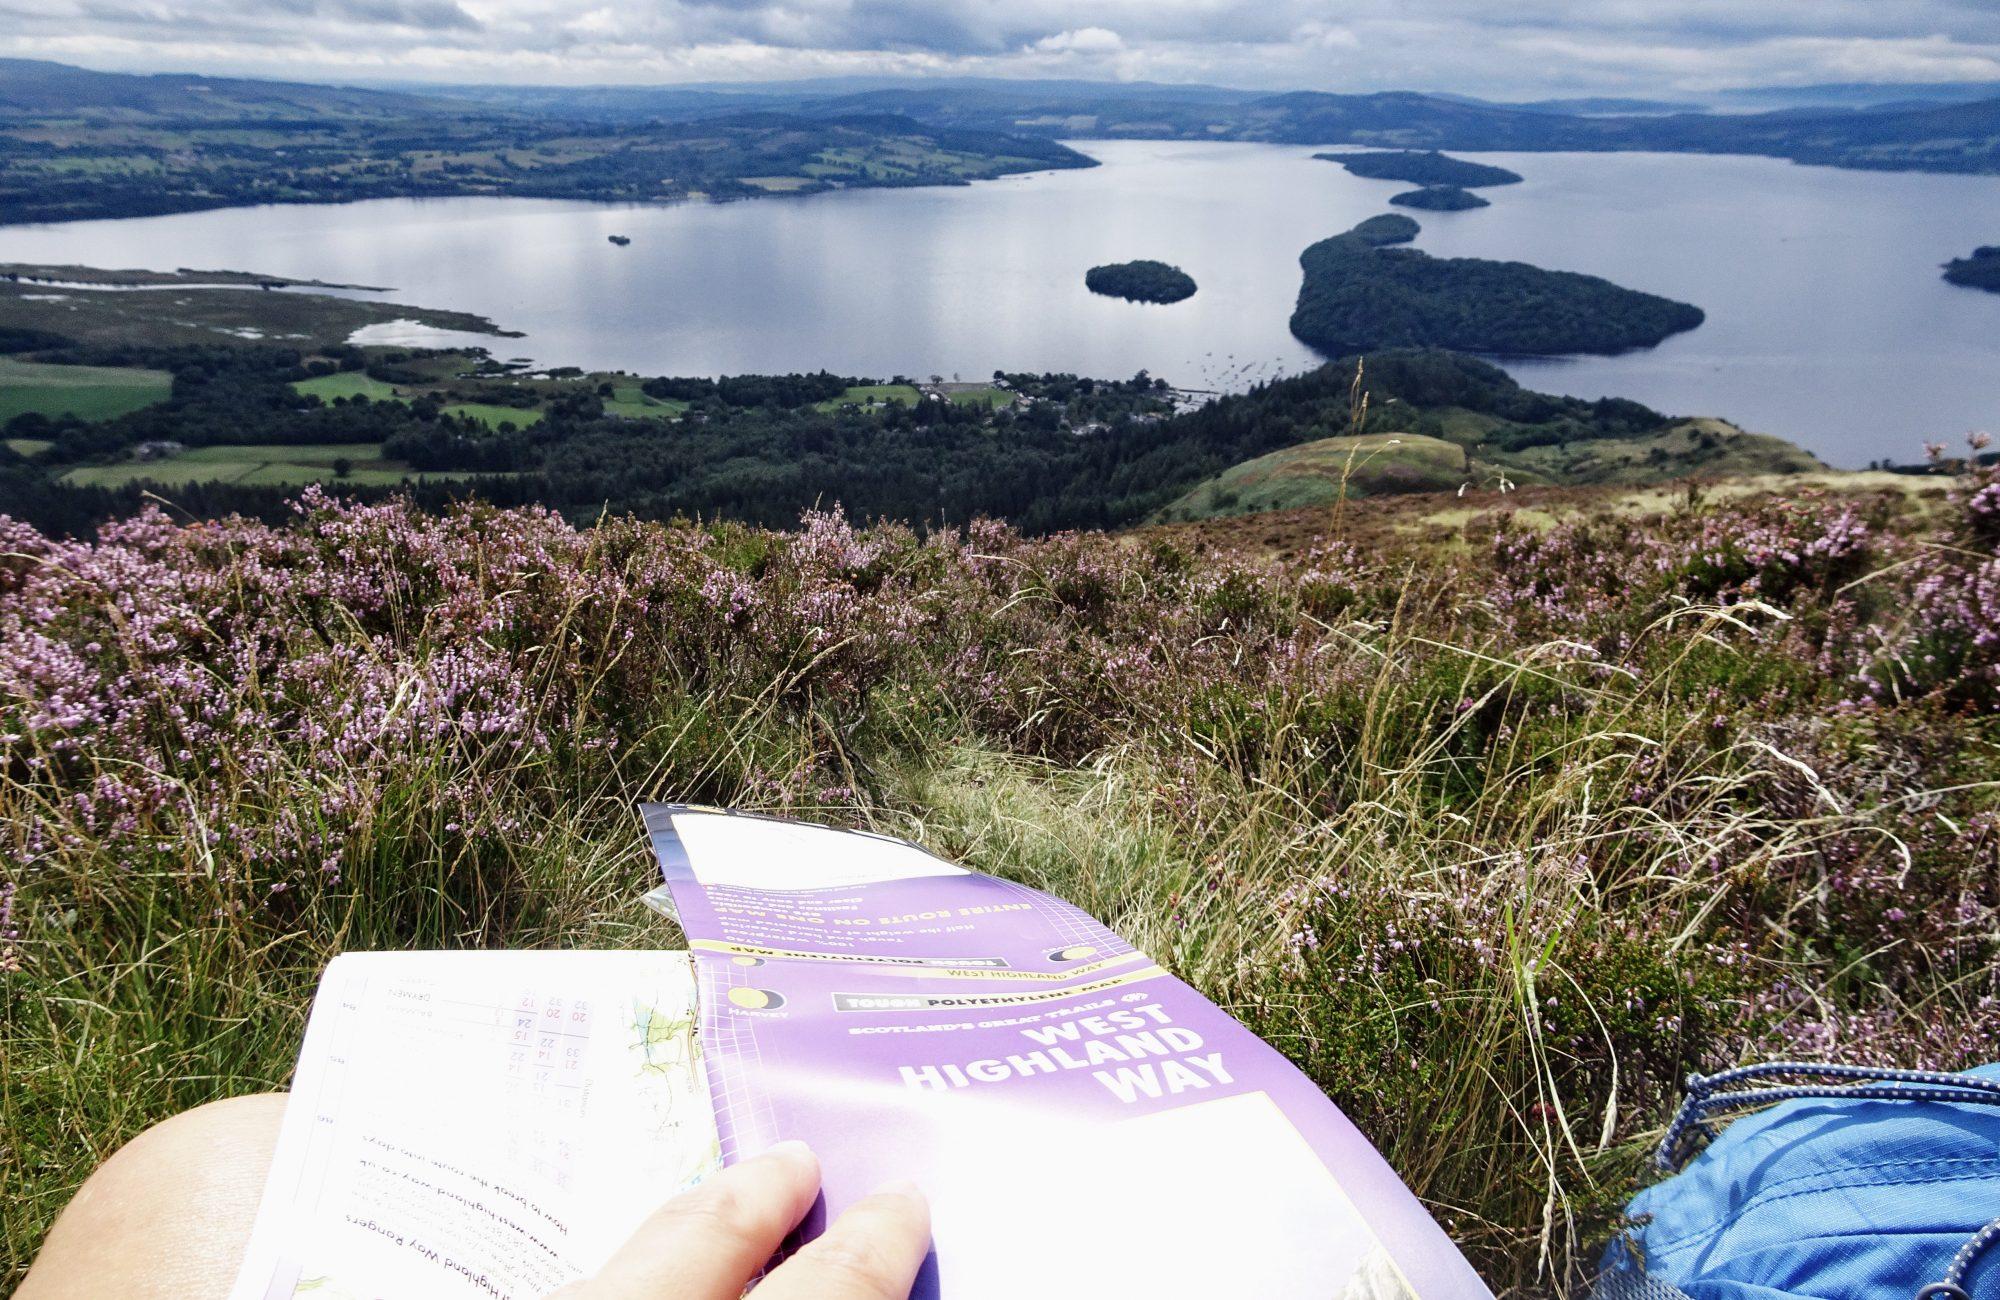 Sicht auf den Loch Lomond, Schottlands größtem Süßwassersee und den Highland Boundary Fault, West Highland Way, Schottland, Wanderung, Weitwandern, Trekking, Highlands